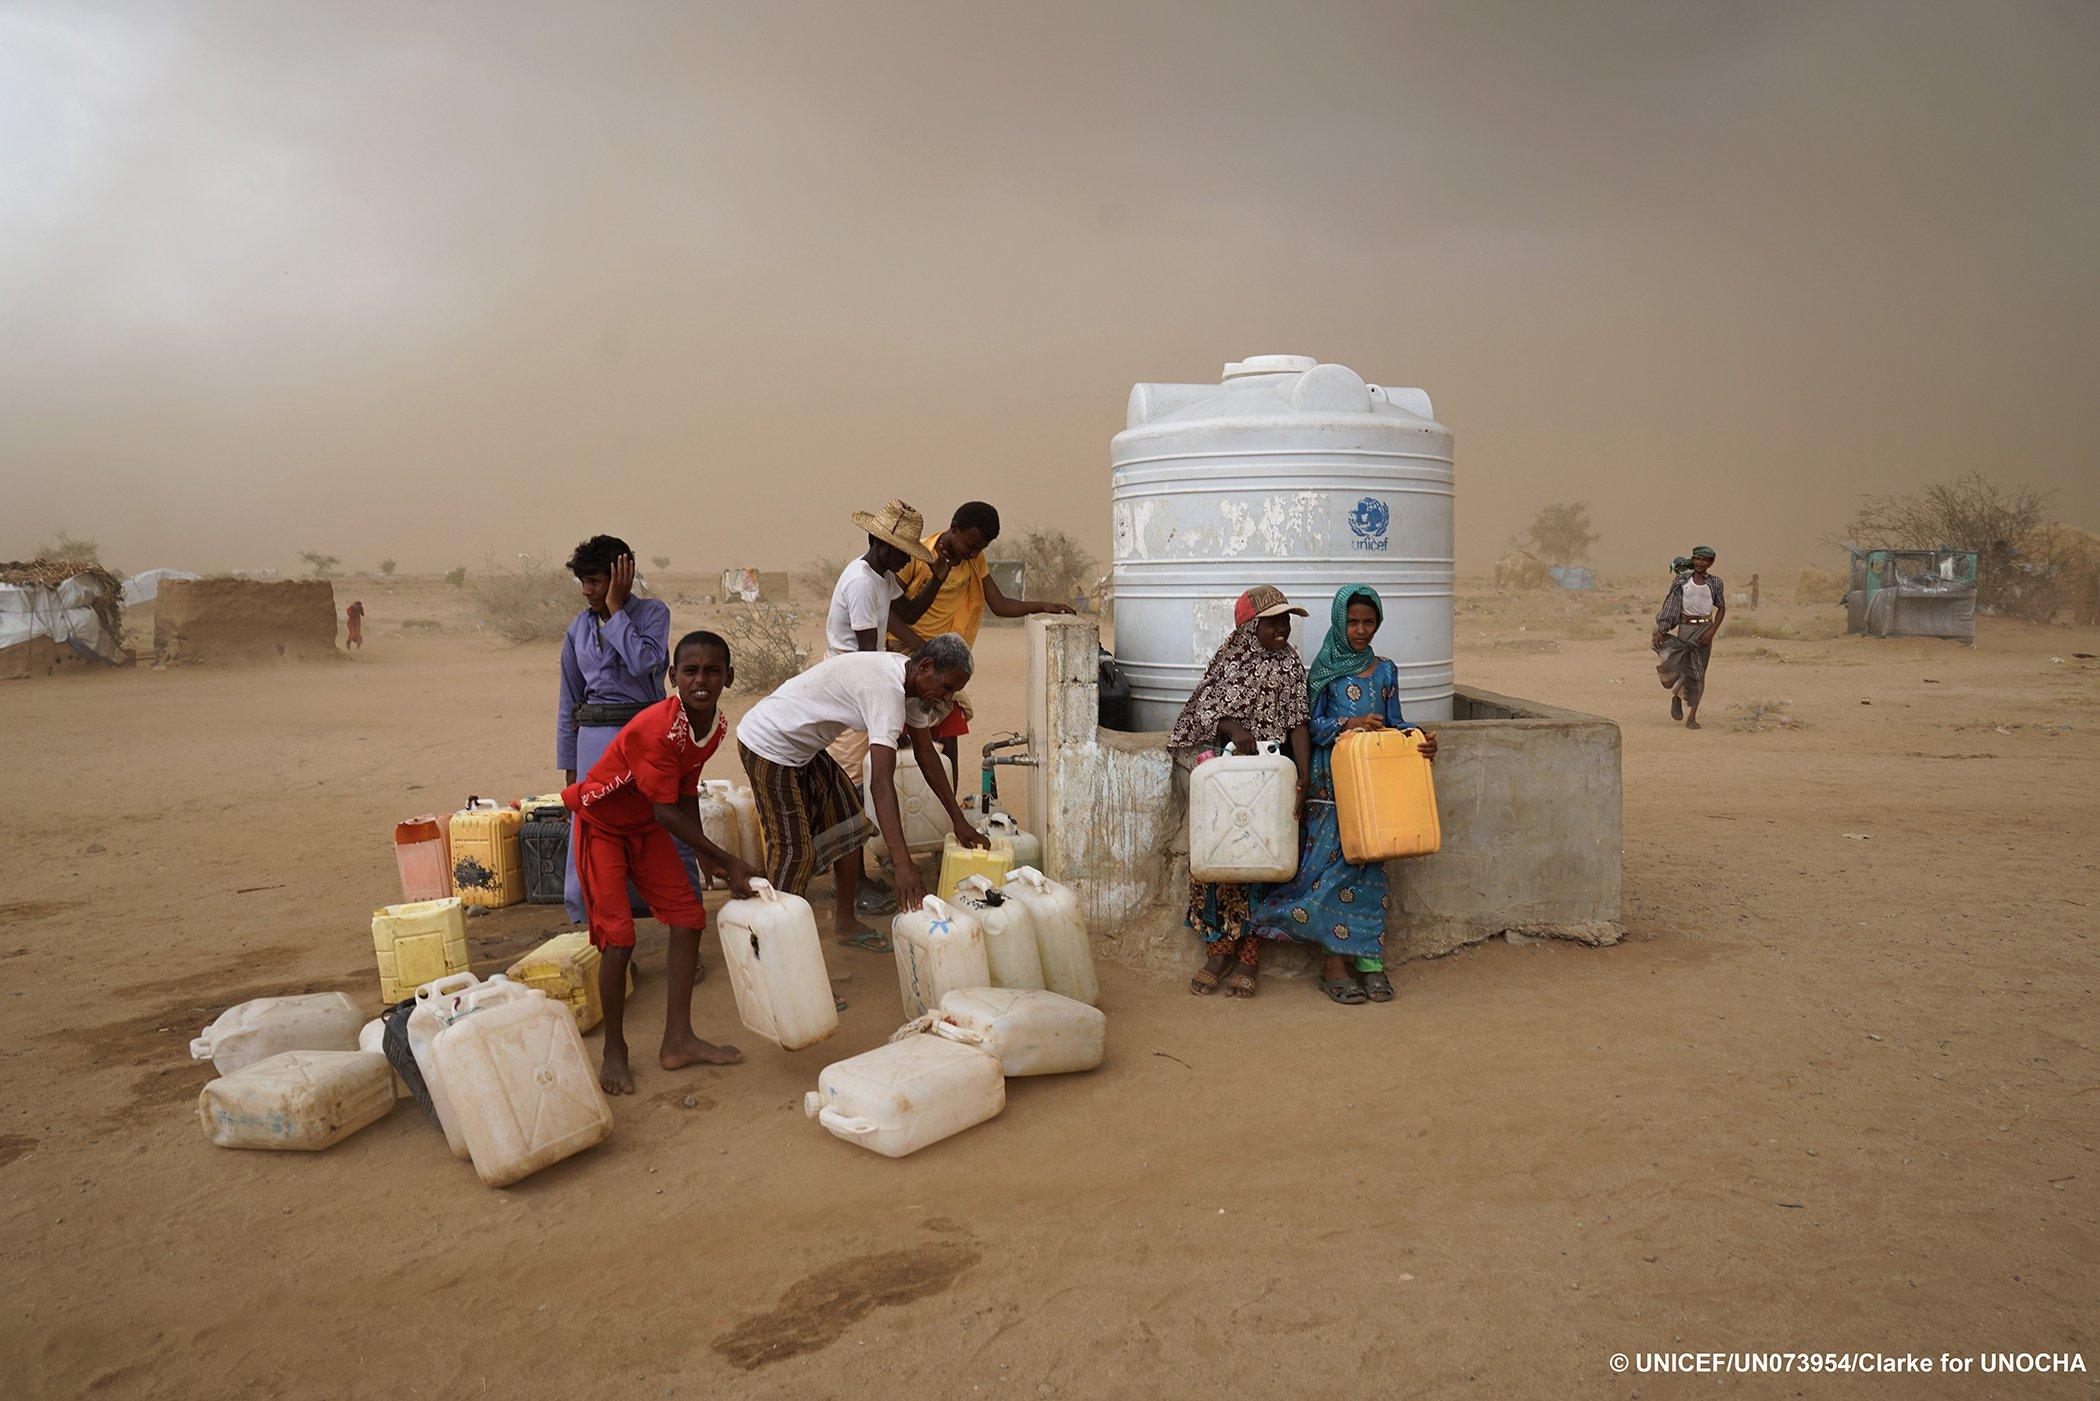 UNICEF-Water-Sanitation-Around-The-World-Report-2019-005.jpg